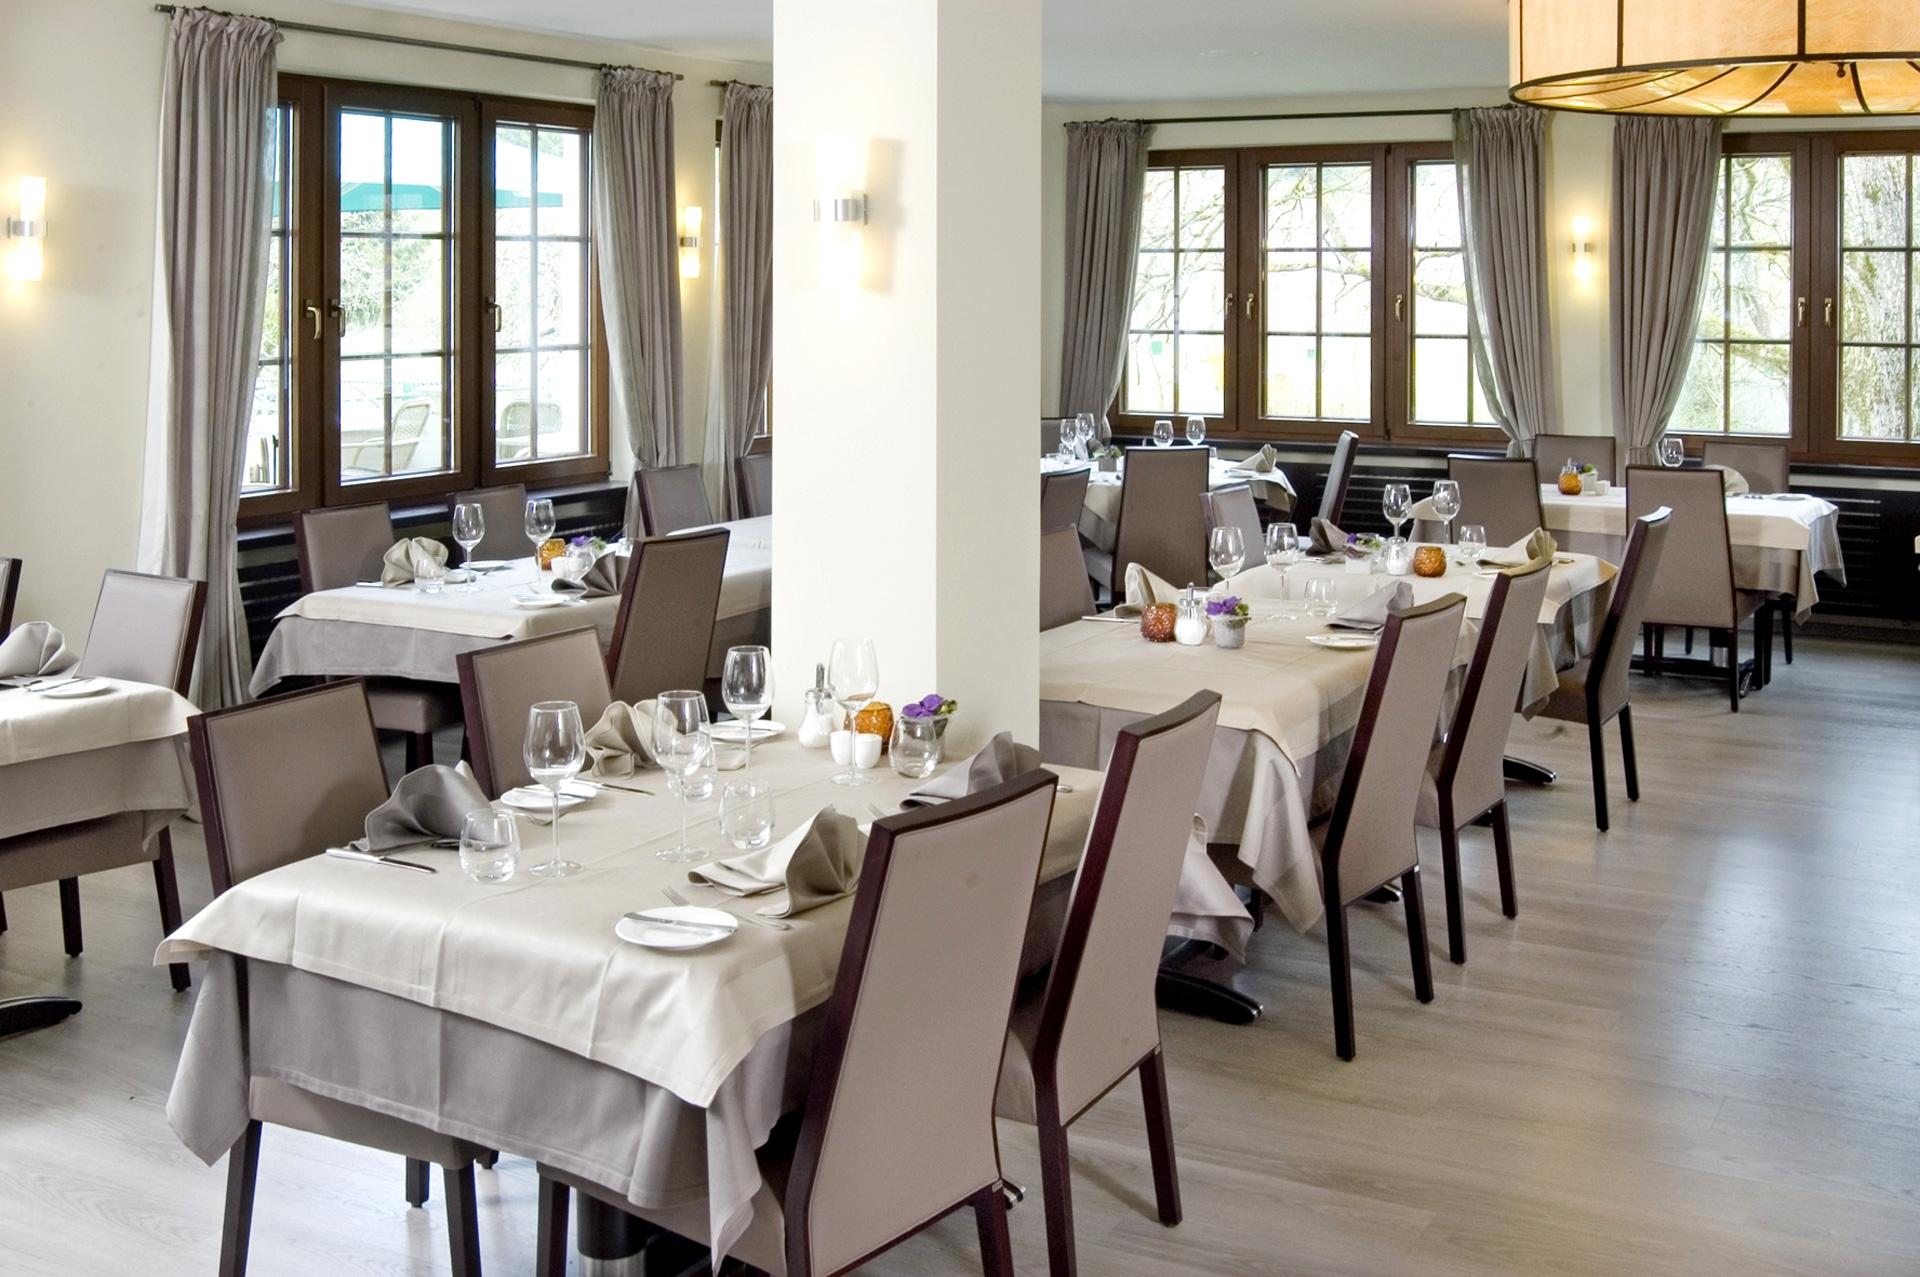 Restaurant Dimmer